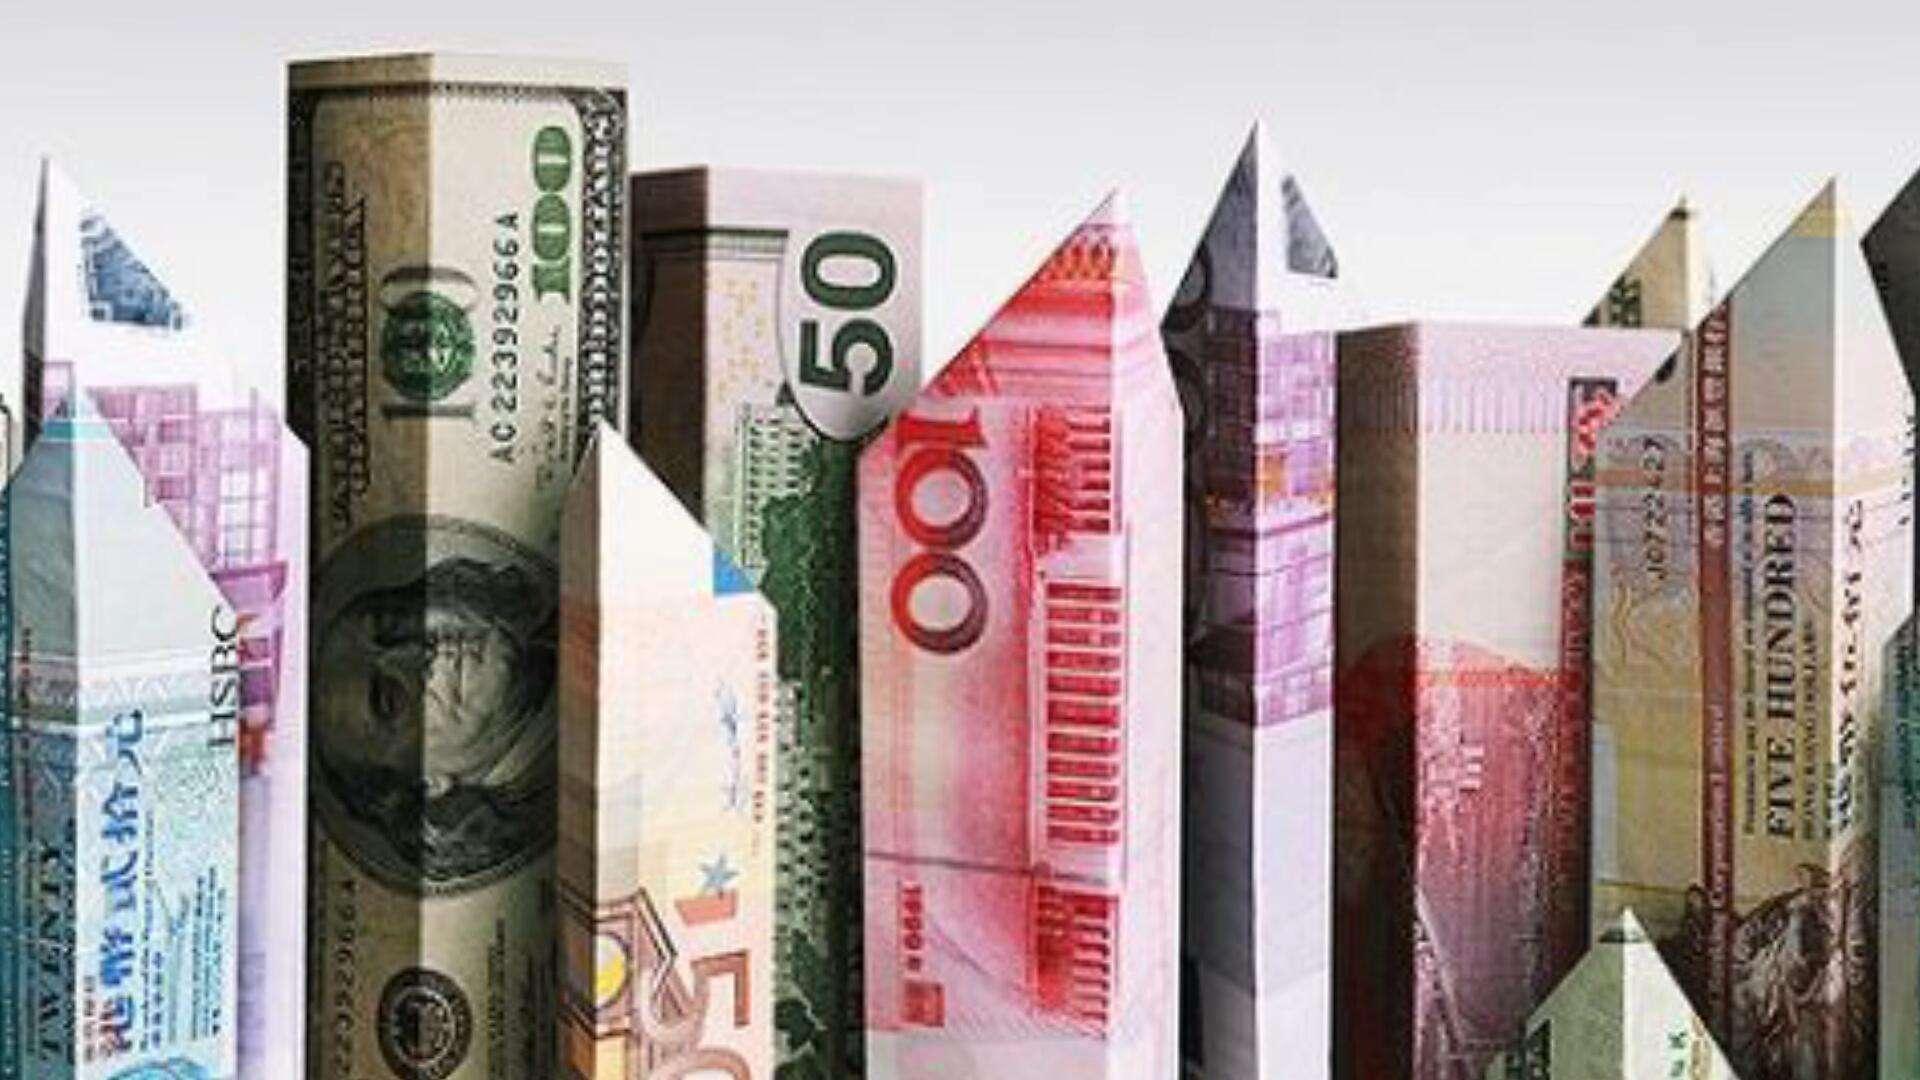 管涛:从国内货币走向国际货币 人民币国际化的历史瞬间